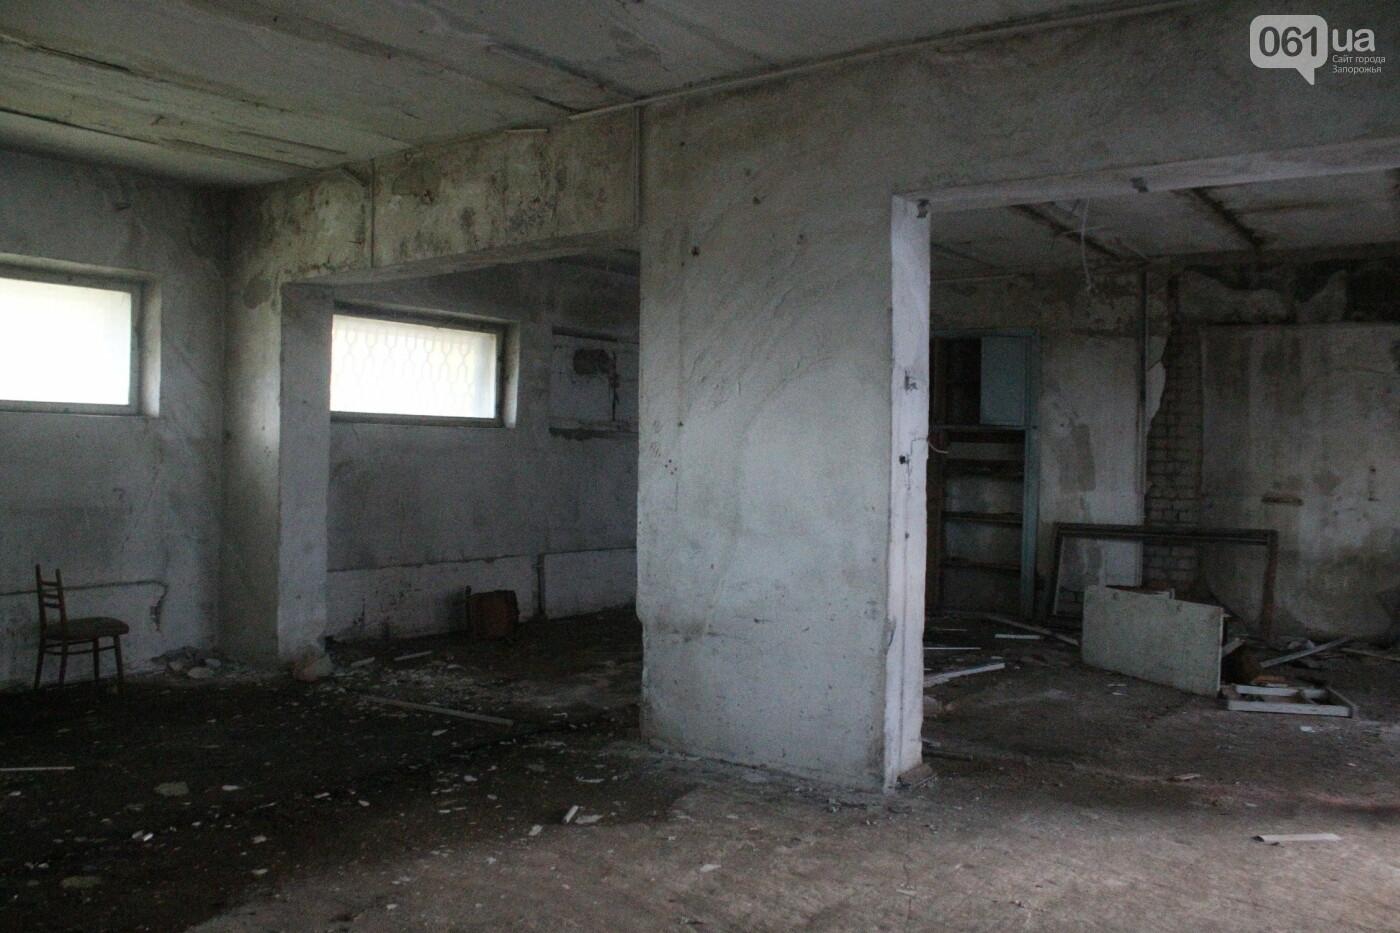 В центре Запорожья разрушается заброшенное здание института «Запорожгражданпроект», – ФОТОРЕПОРТАЖ  , фото-17